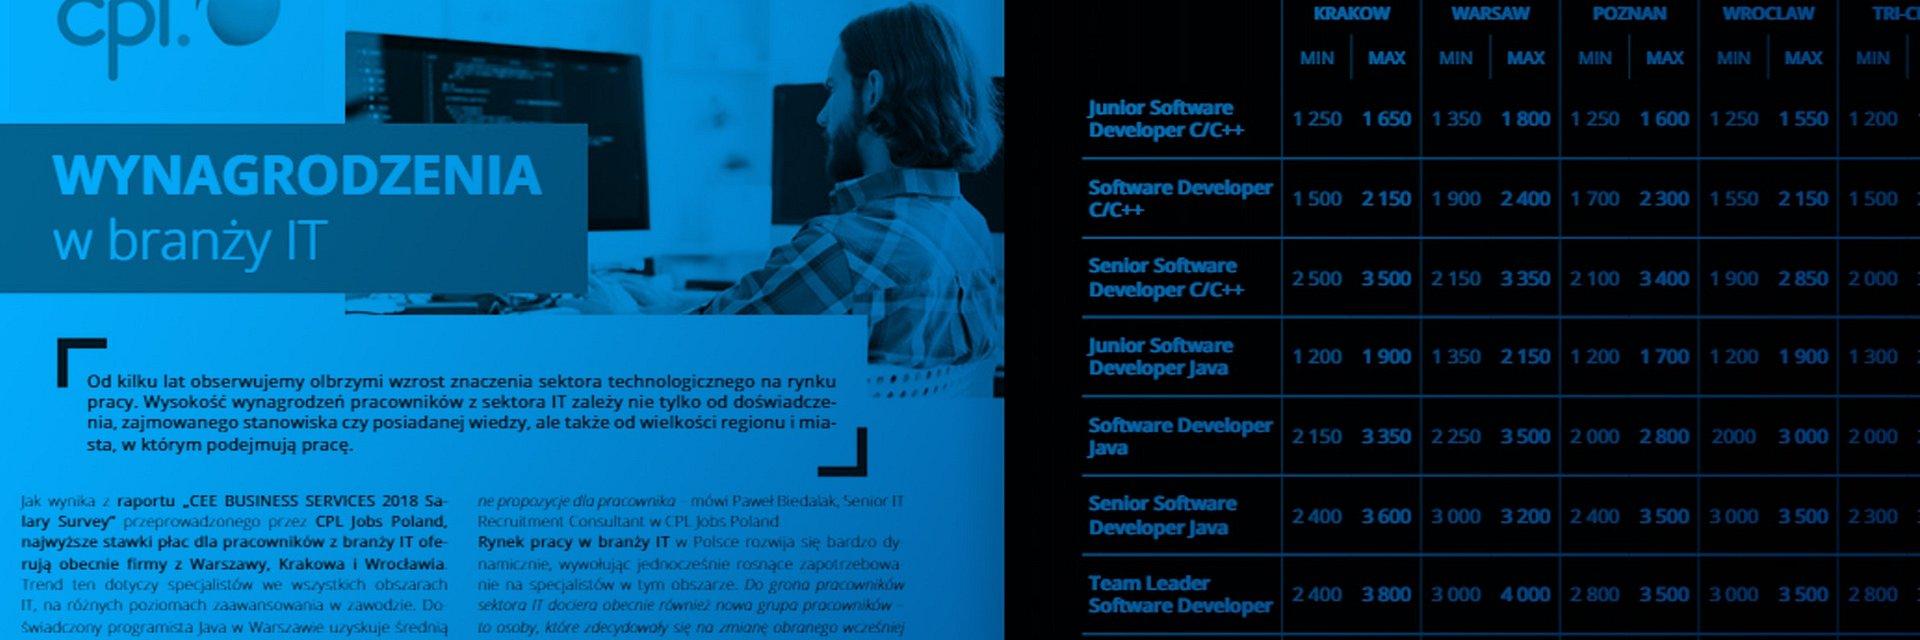 CPL Jobs w wypowiedzi na temat wynagrodzeń i rynku pracy IT w Polsce